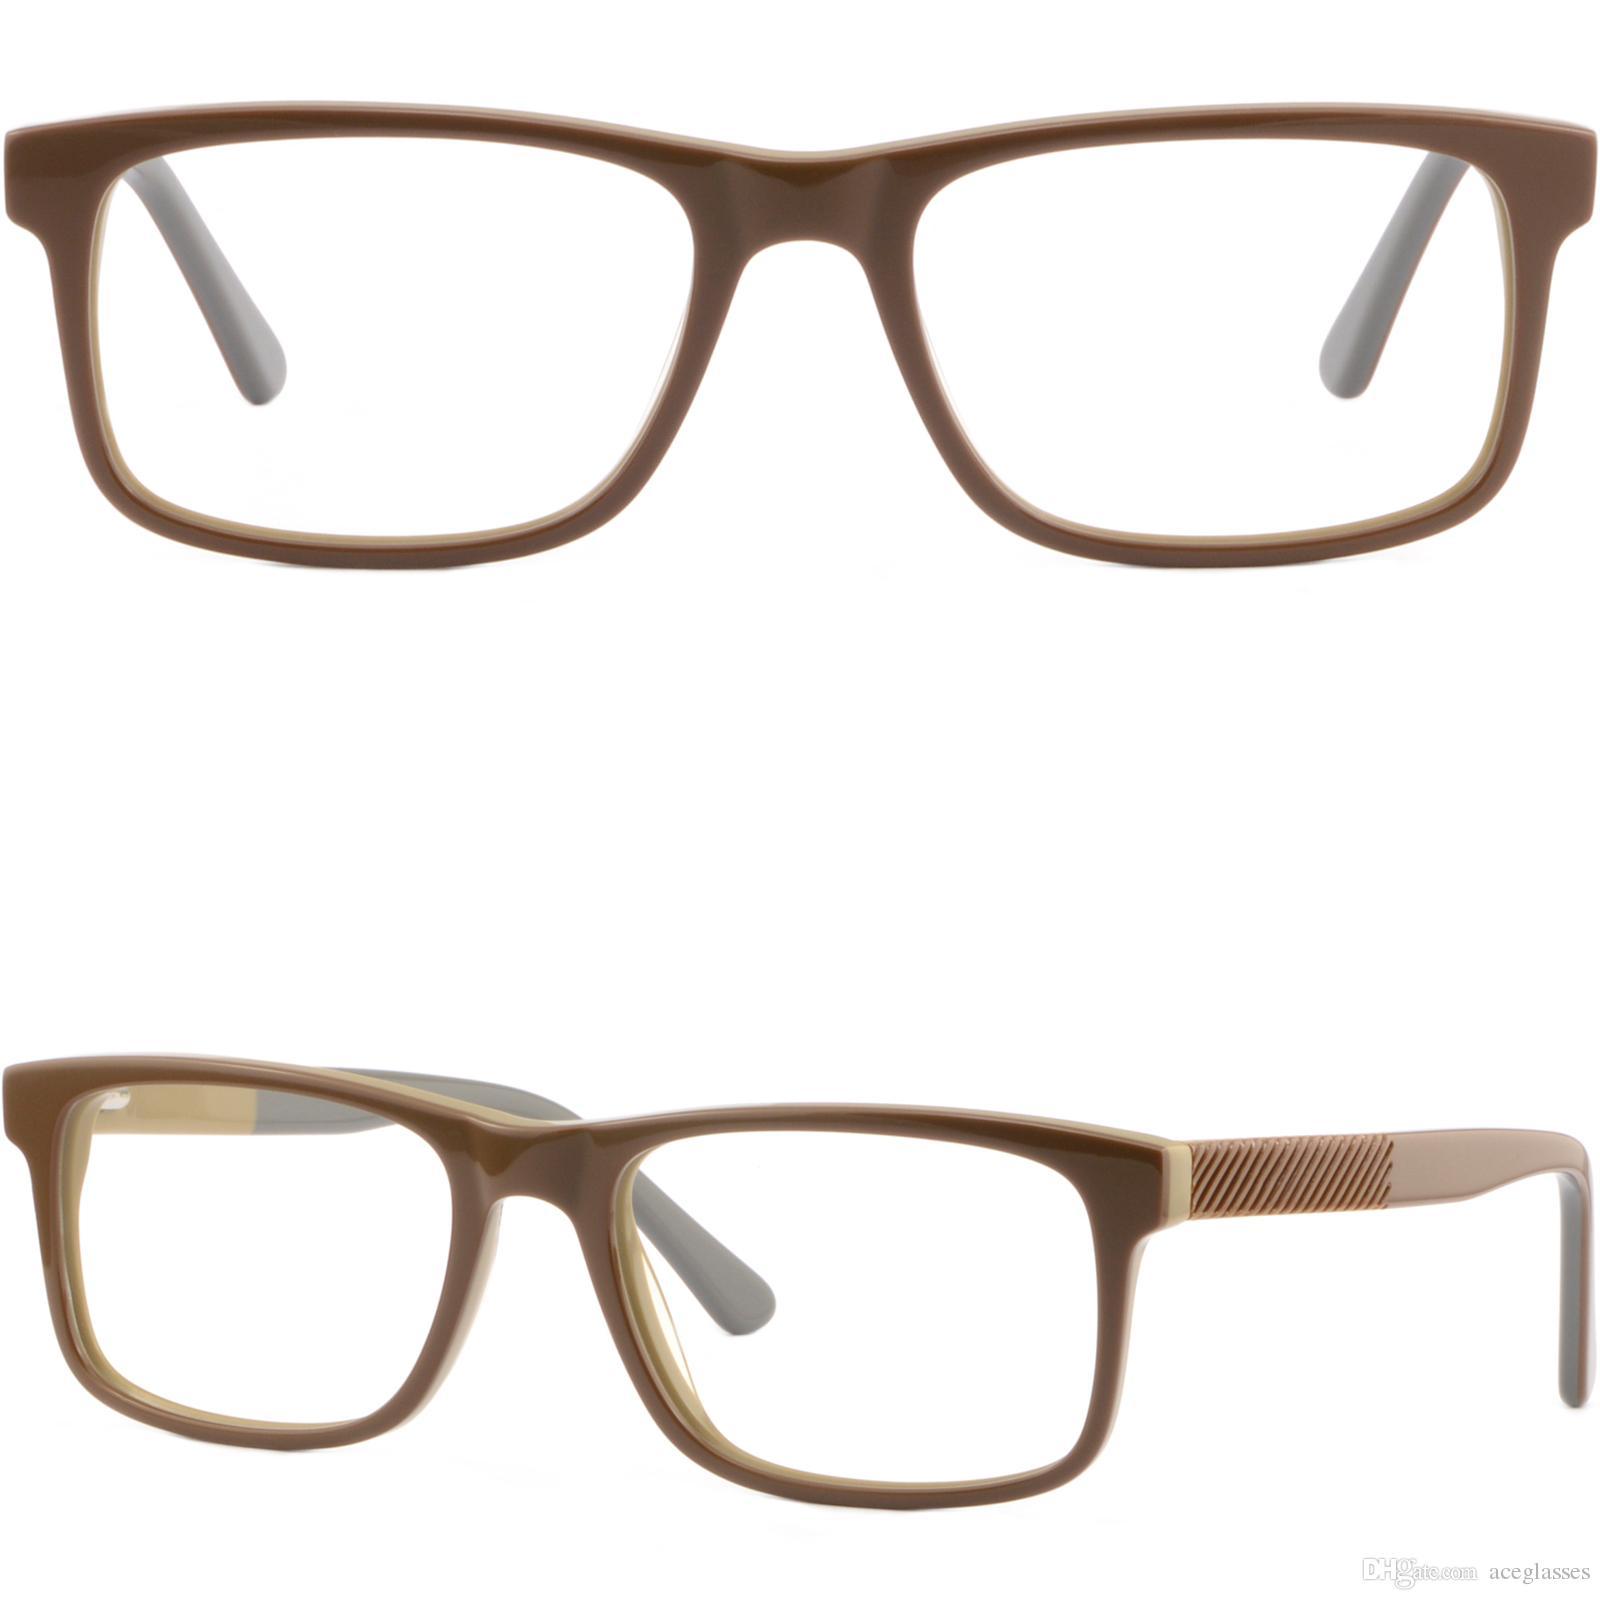 Compre Gafas Graduadas Rectangulares Del Marco Plástico Del Acetato ...